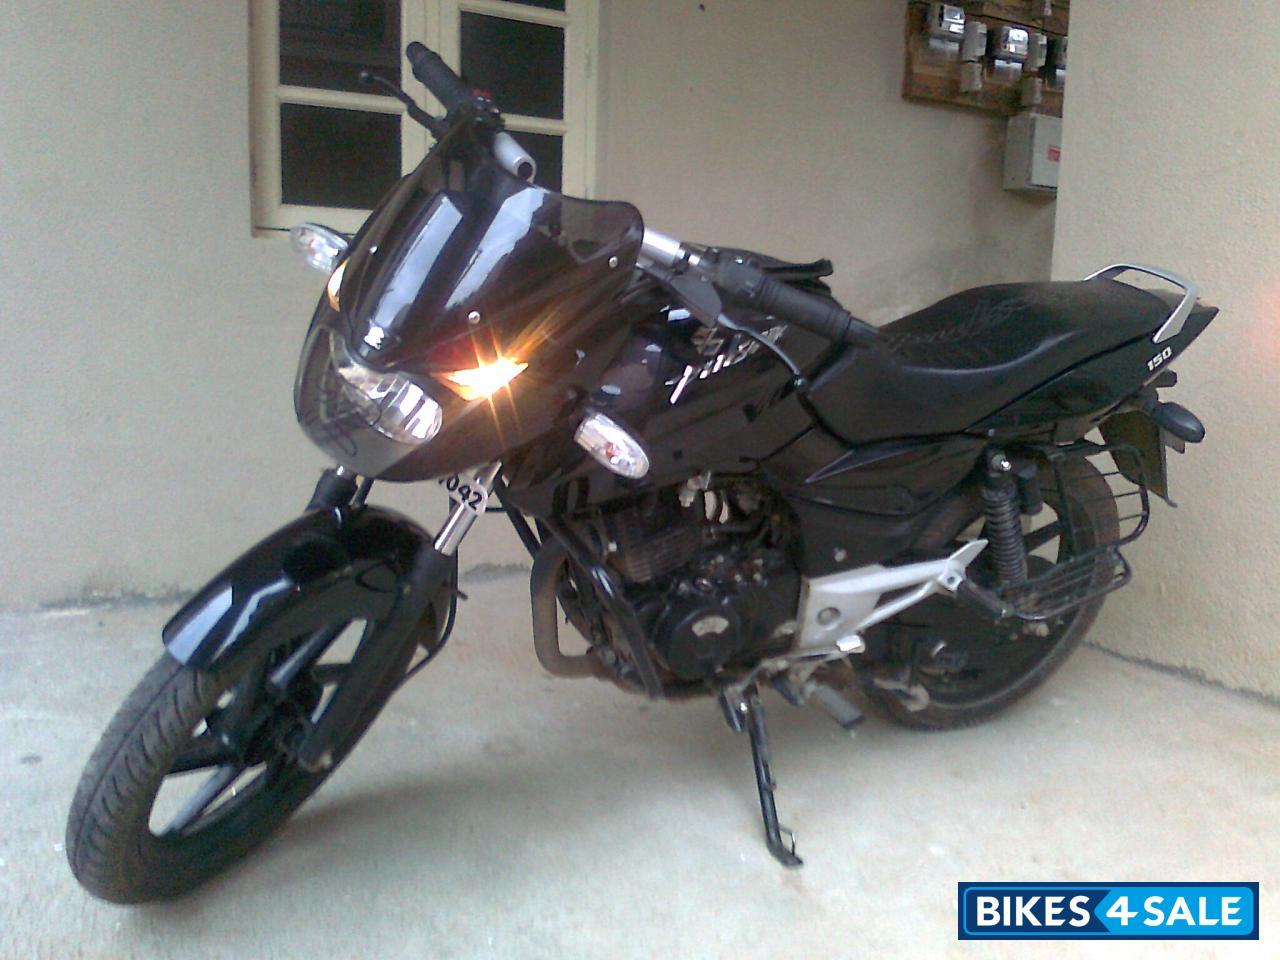 Bikes India Bajaj Pulsar 150 Specs And Reviews